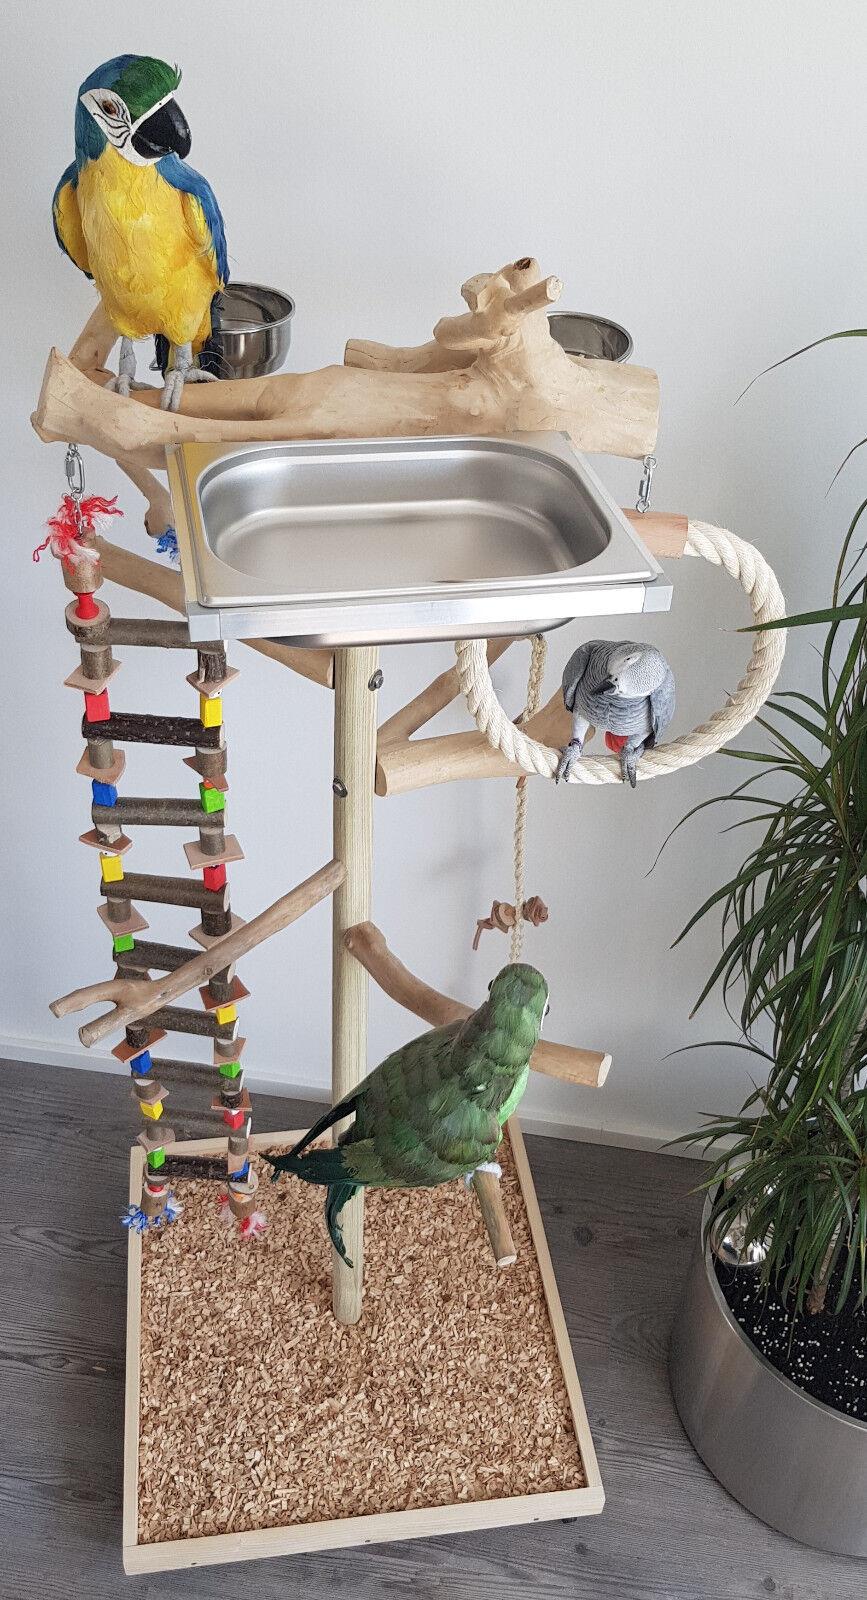 SEDILE libero da Java radice legno pappagalli liberamente sede M. ponte sospeso & vasca da bagno 1,40